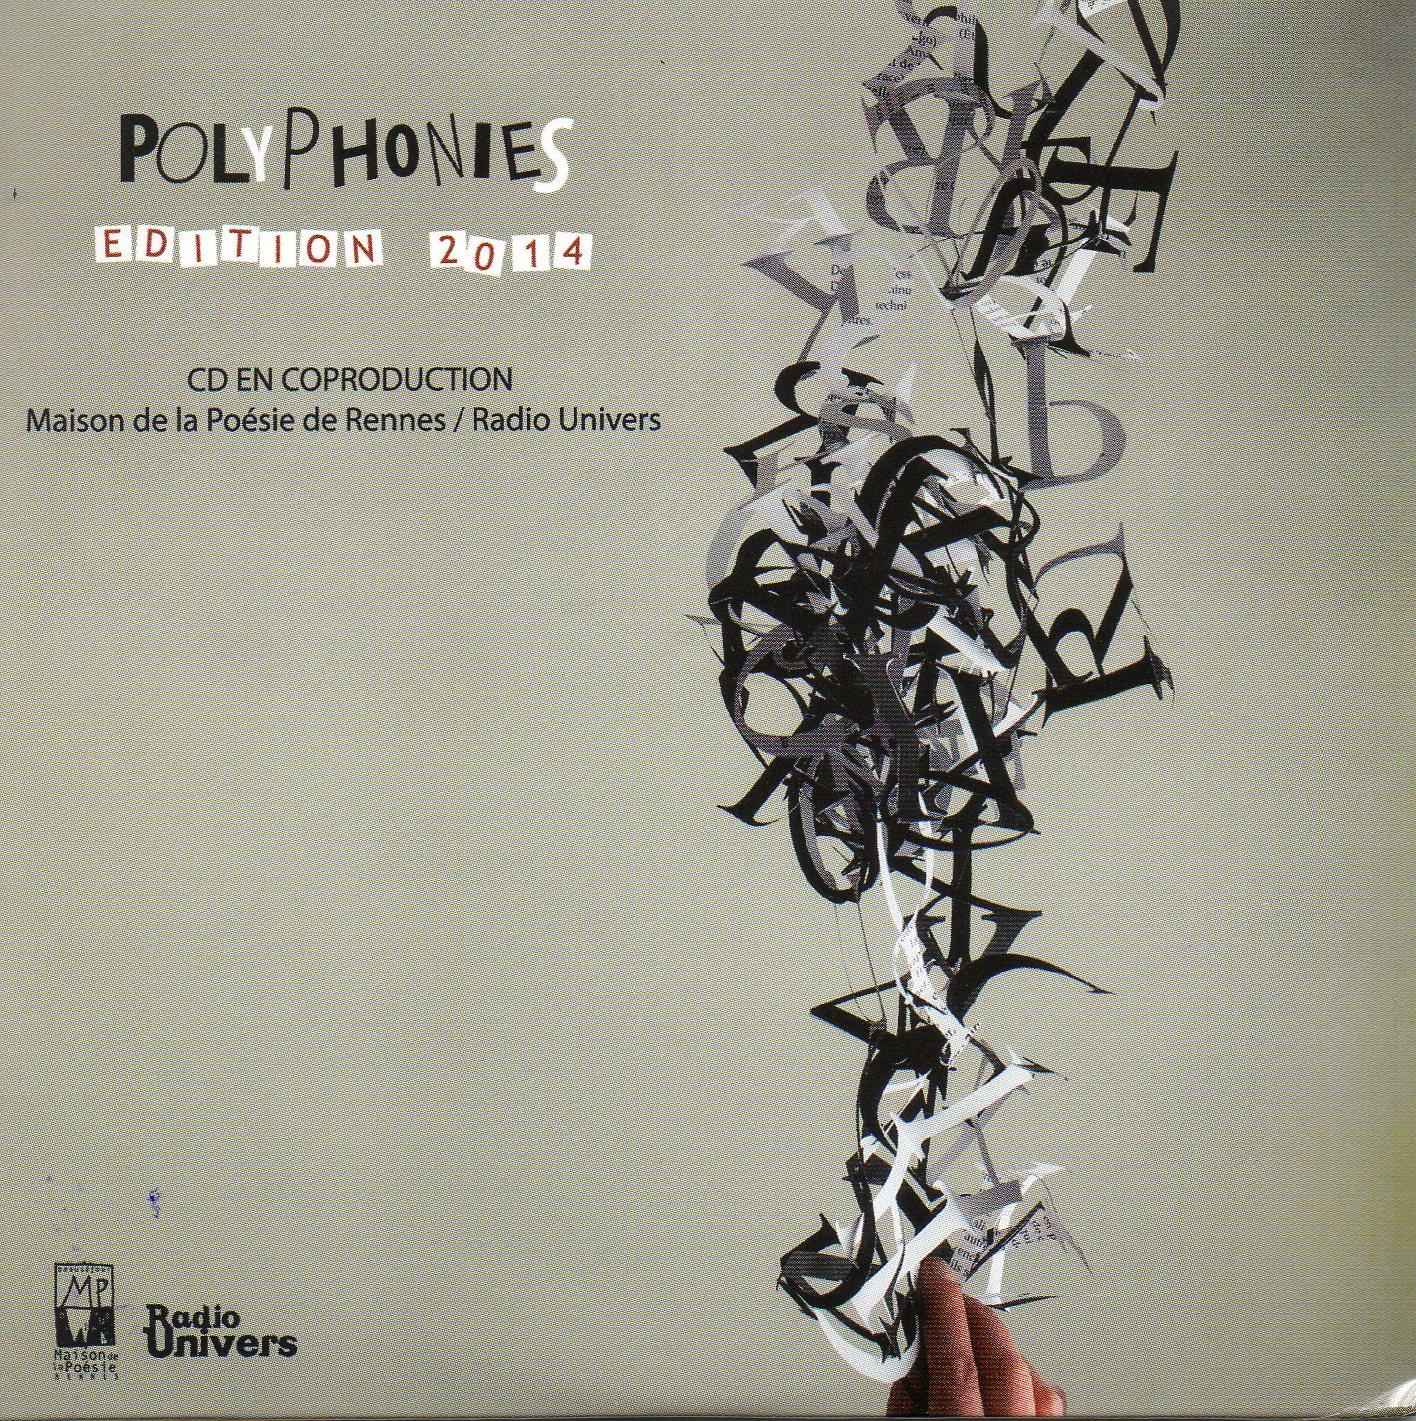 Le Cd Des Polyphonies Edition 2014 Une Coproduction Maison De La Poesie De Rennes Radio Univers Radio Univers